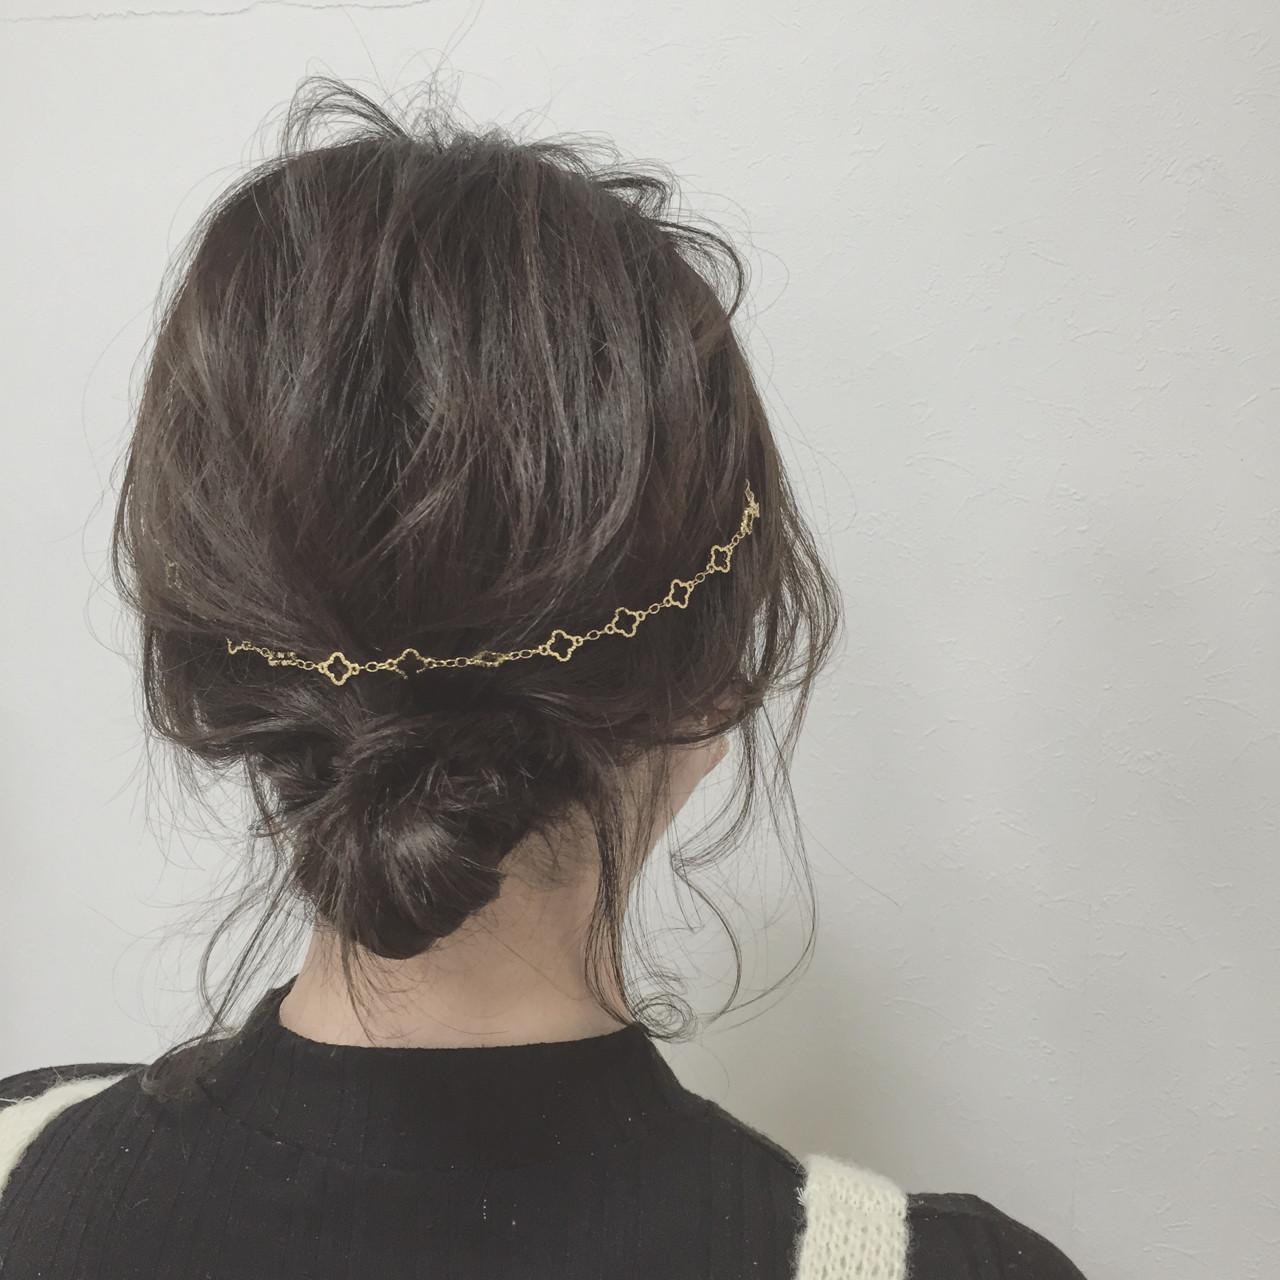 シンプルなまとめ髪が華やかアレンジに 宮田 恵里香  igloo